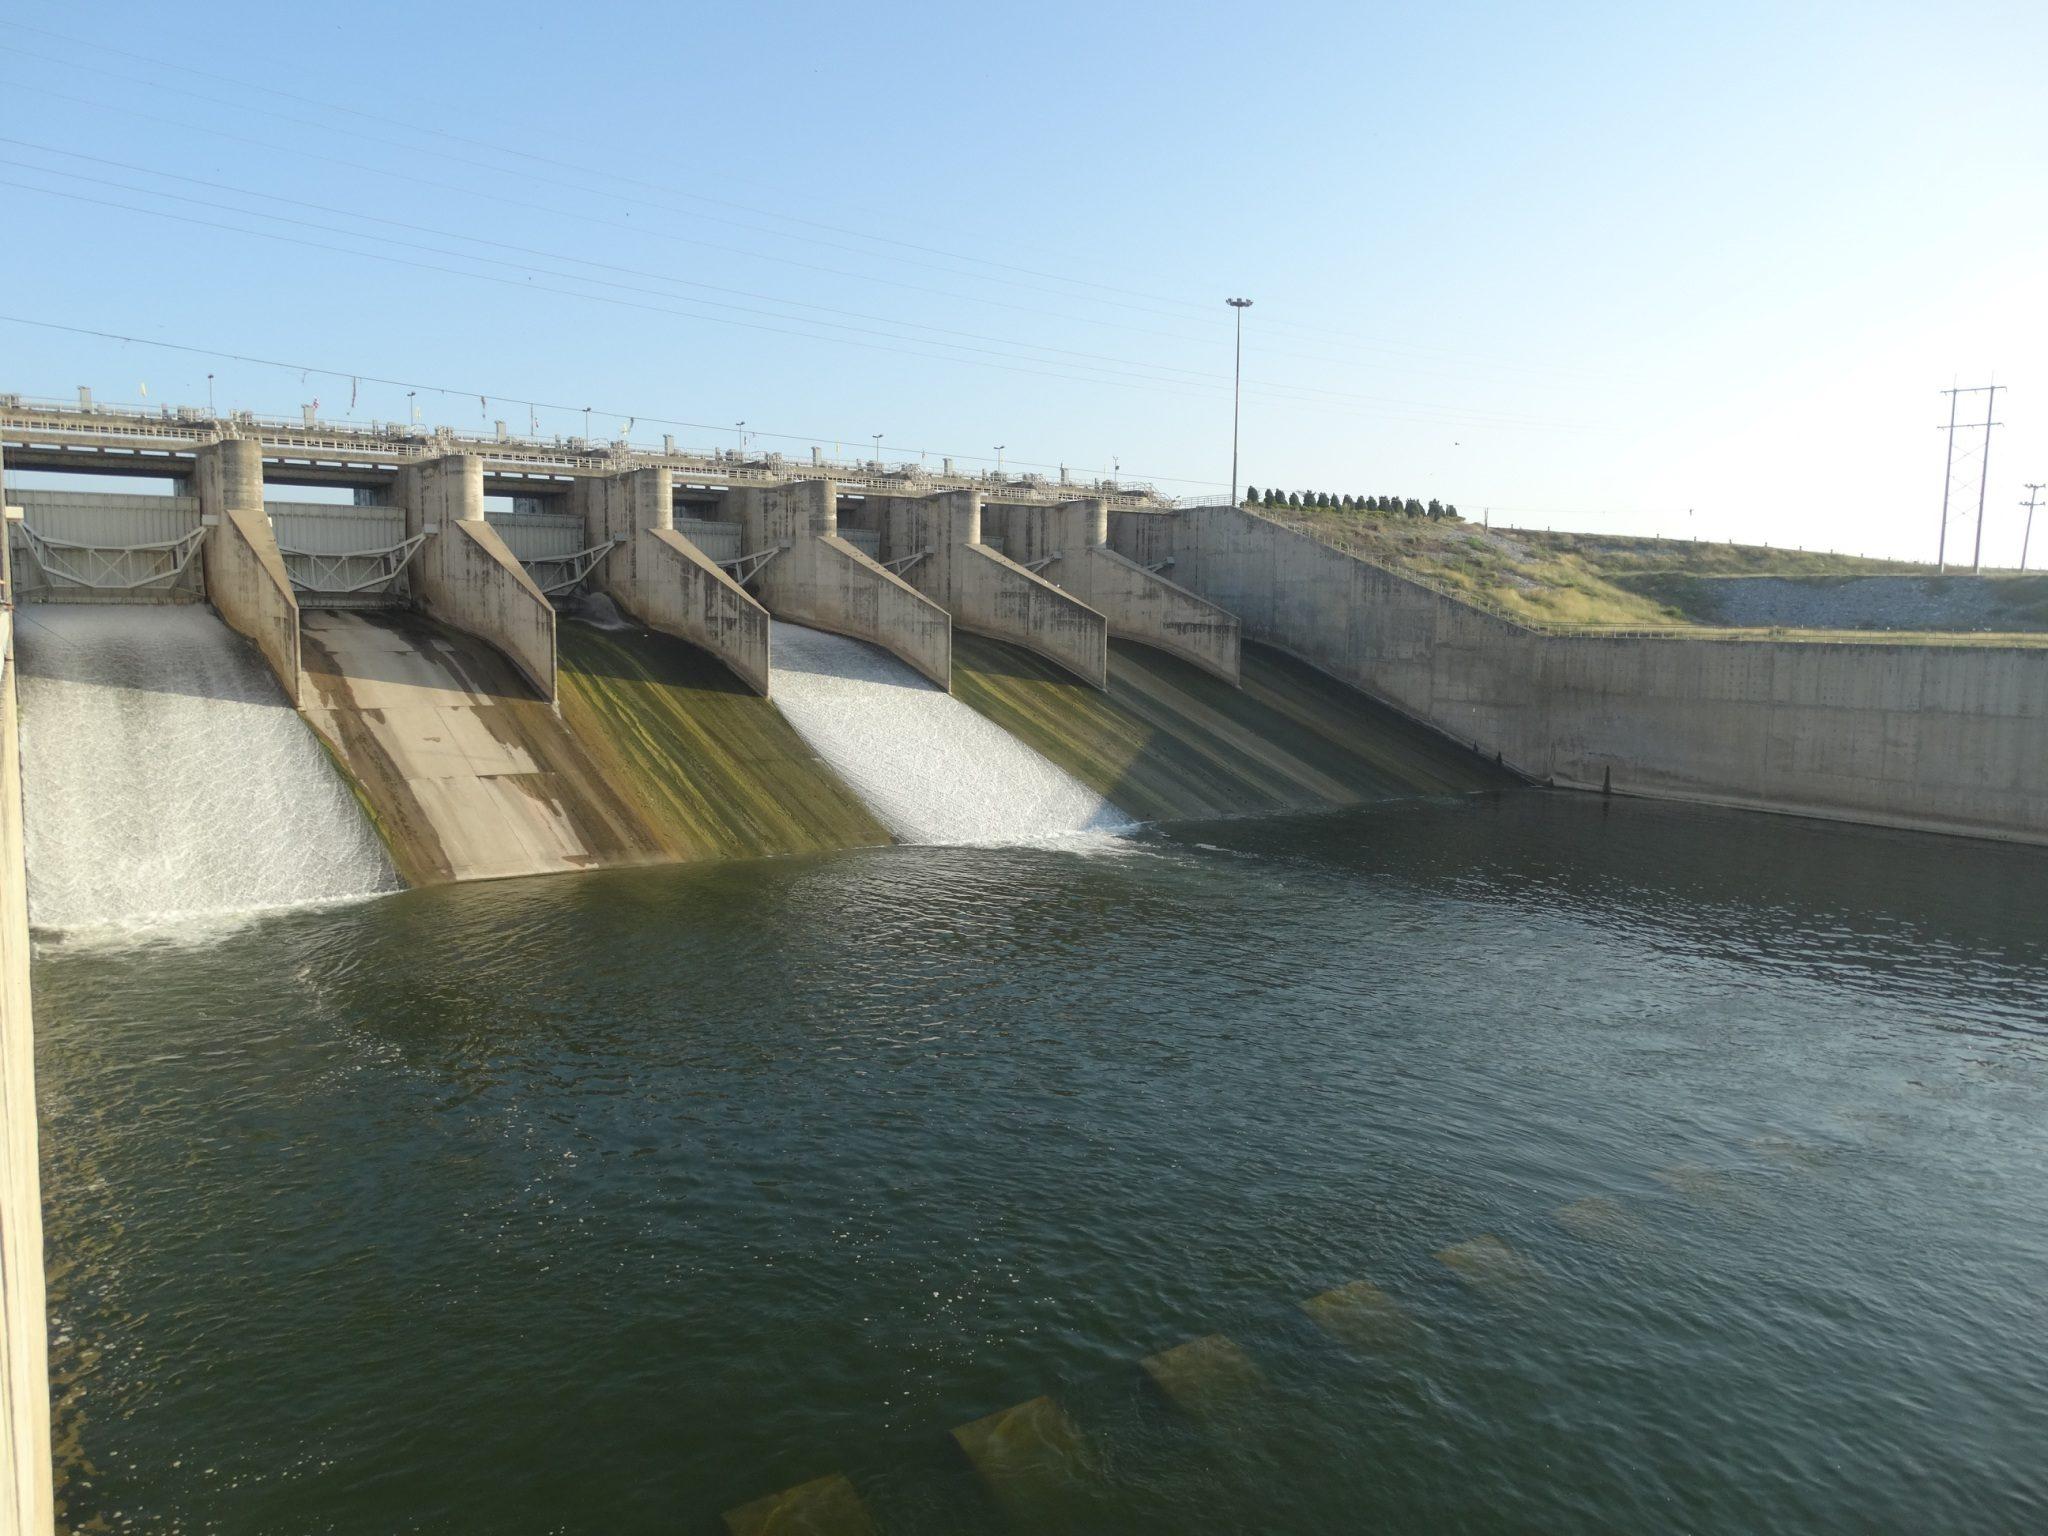 'กรมชลฯ'เผยน้ำในอ่างฯทั่วประเทศอยู่เกณฑ์น้อย ย้ำทุกหน่วยใช้น้ำตามแผน